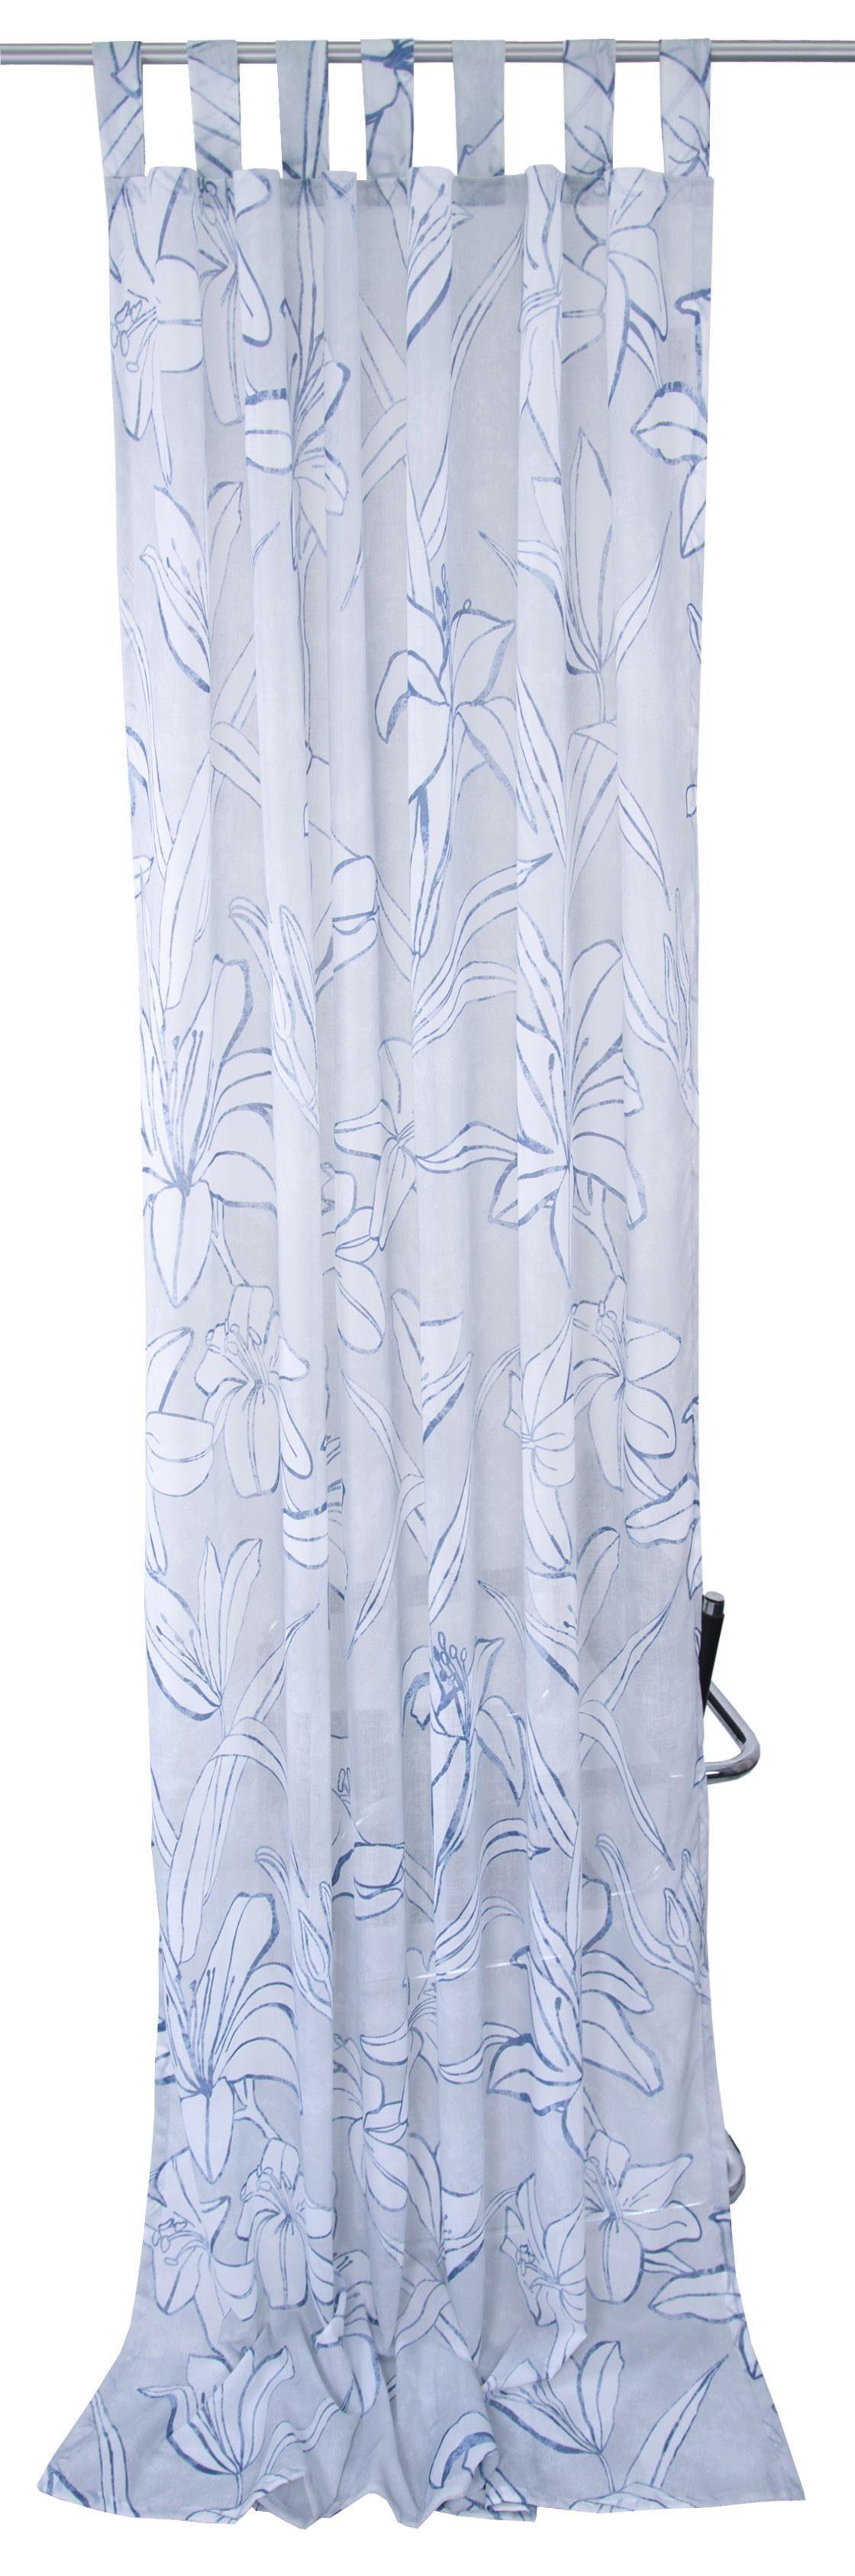 Vorhang »BLUE FLOWERS«, Tom Tailor, Schlaufen (1 Stück)